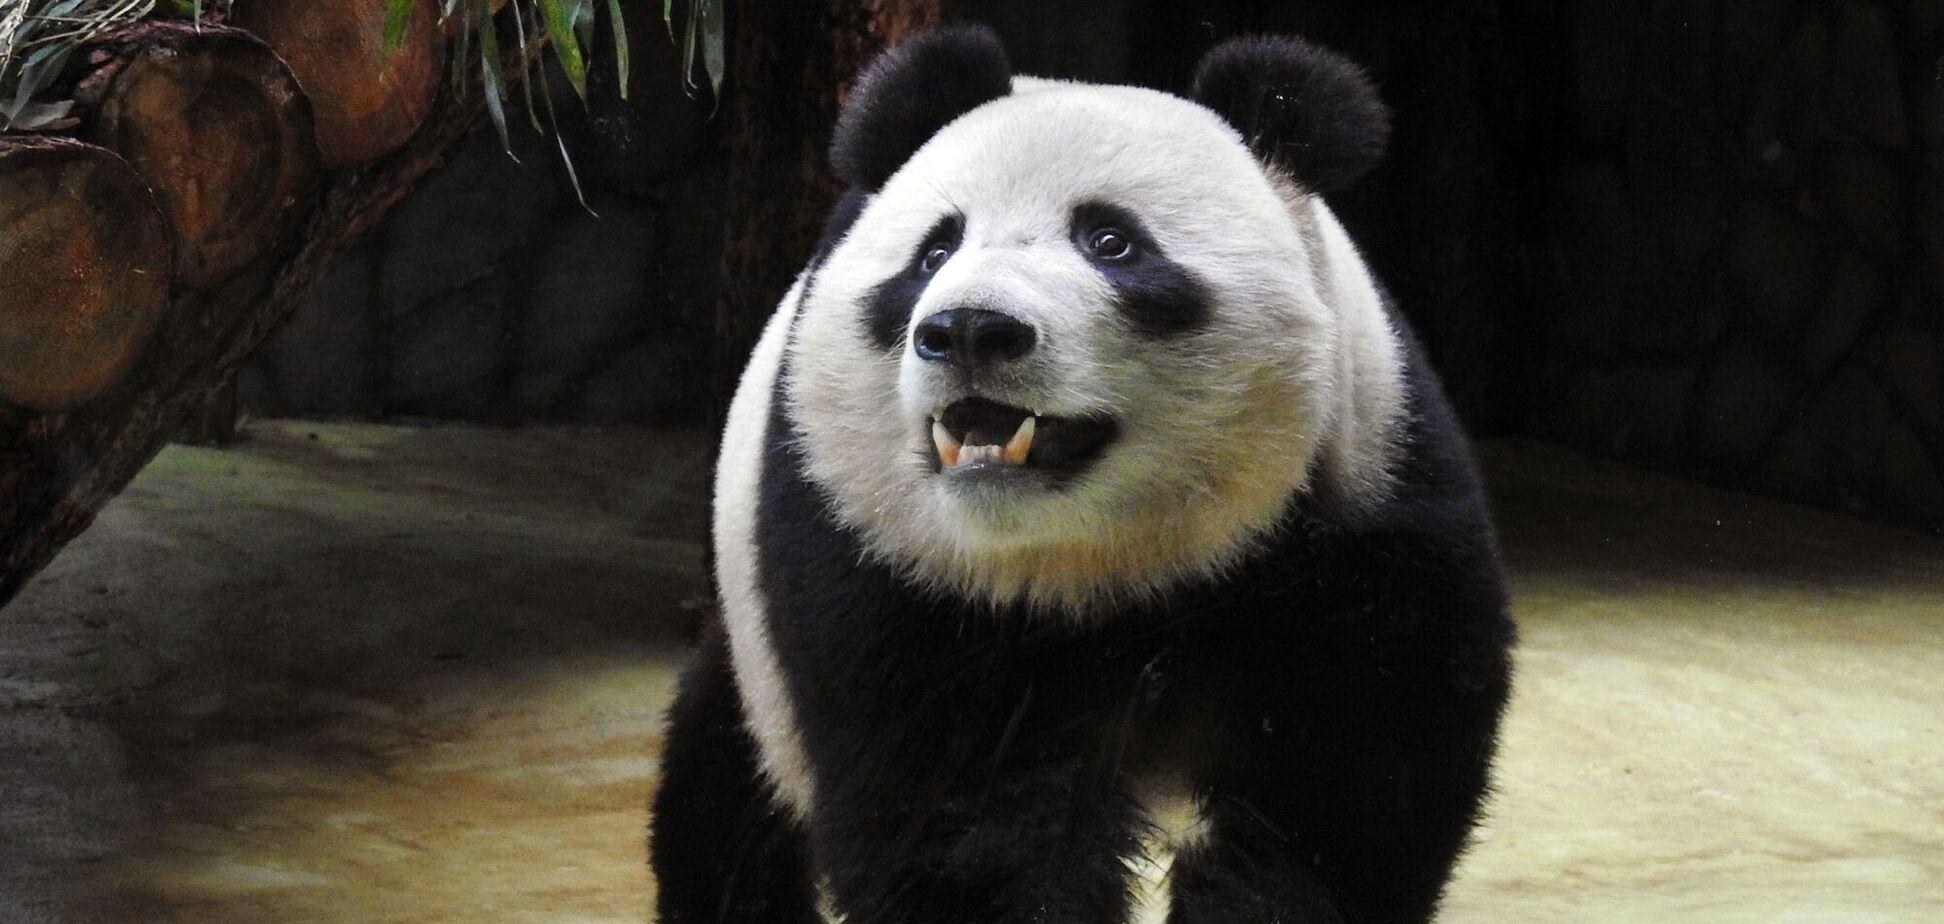 У мережу потрапило веселе відео голодної панди, яка їсть бамбук і падає на землю